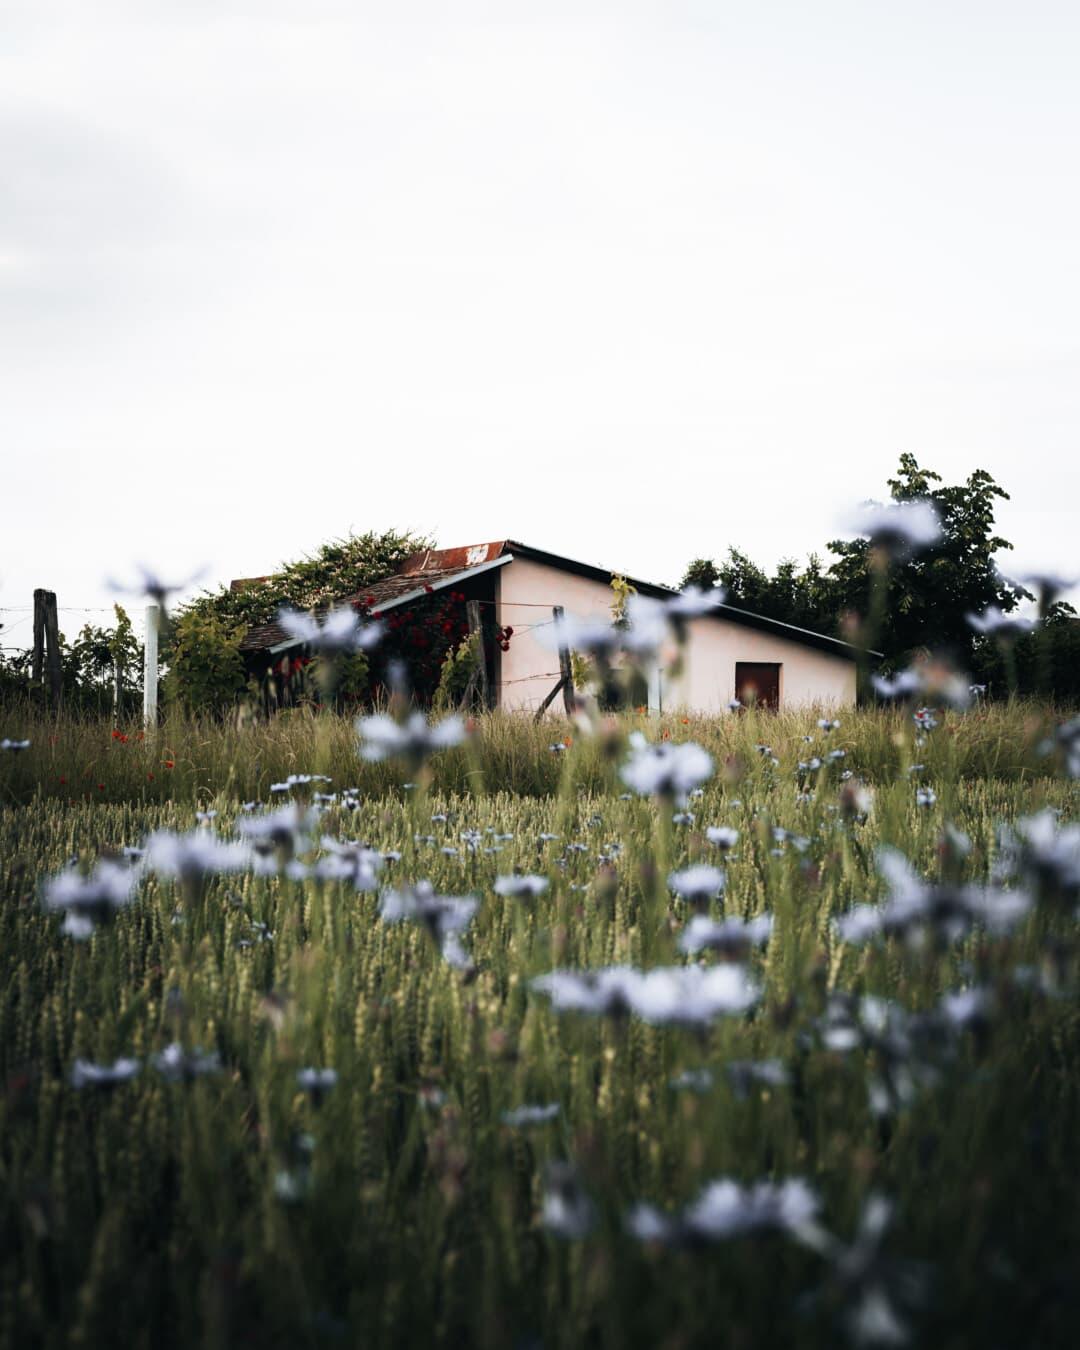 บ้านไร่, เก่า, ฟาร์ม, ถูกทอดทิ้ง, ภูมิทัศน์, กิจกรรมกลางแจ้ง, ธรรมชาติ, ดอกไม้, ฤดูร้อน, หญ้า